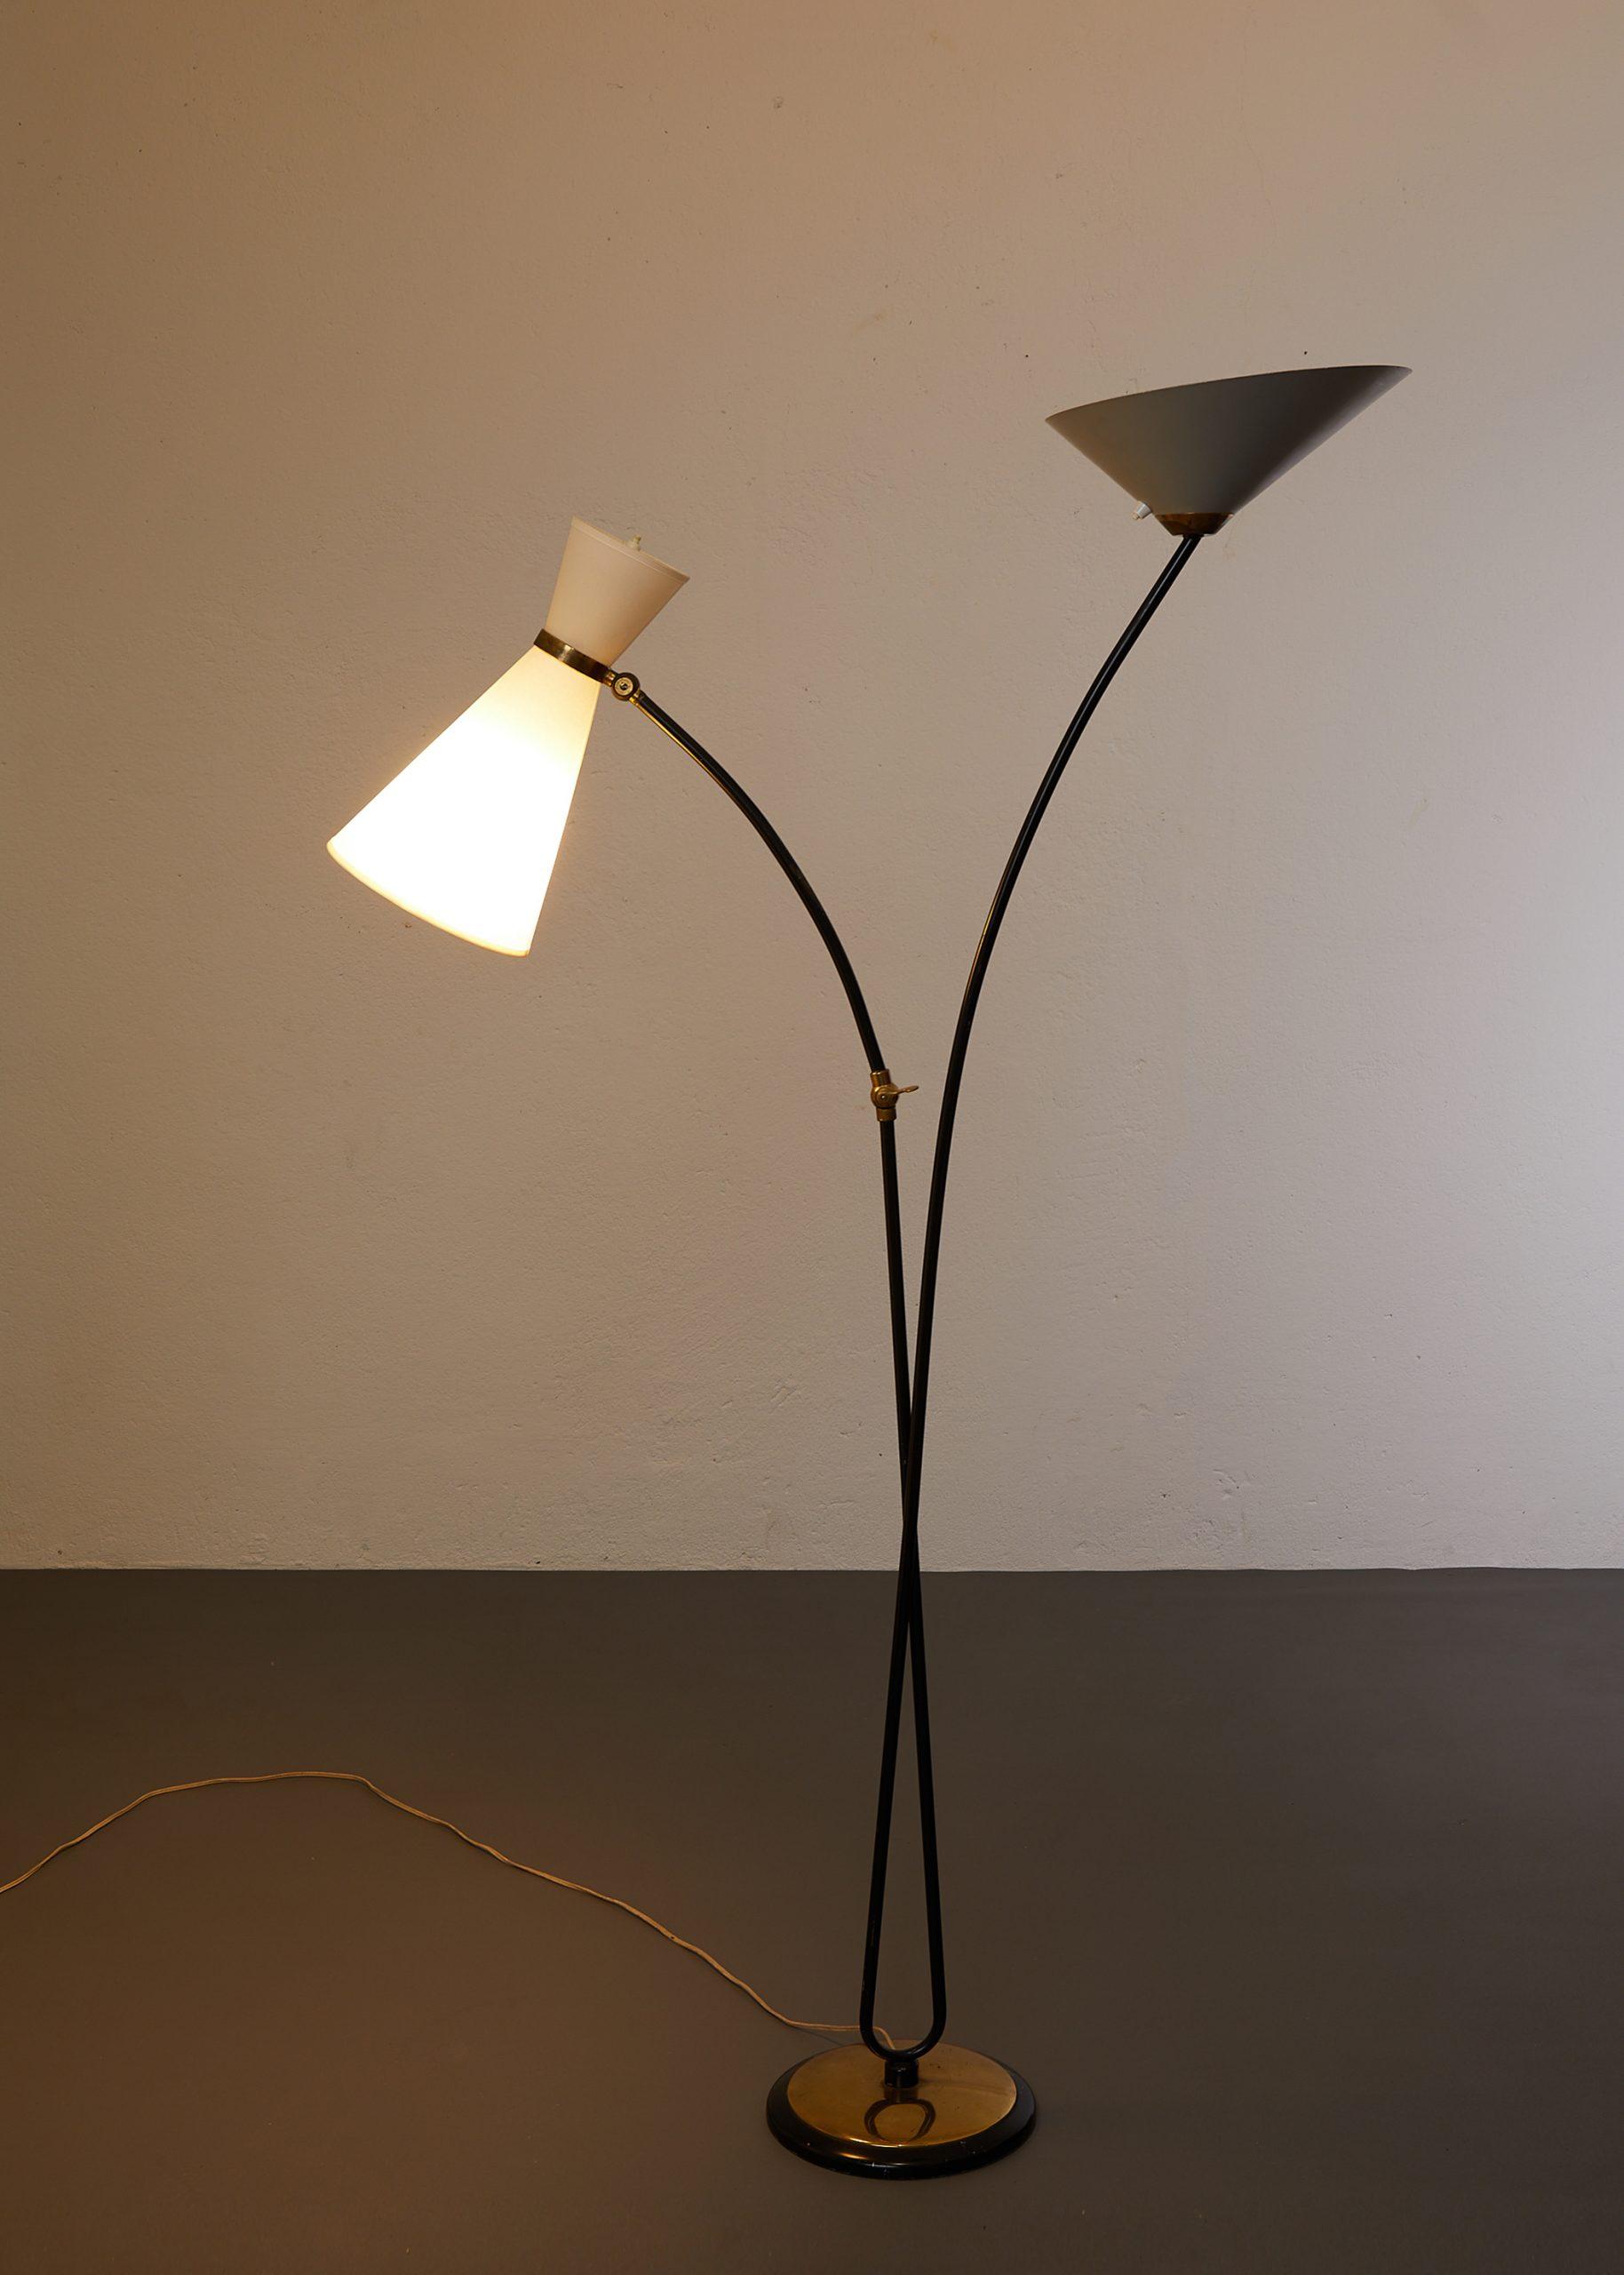 lampe-de-sol-a-deux-bras-suisse-1950-ca-image-03